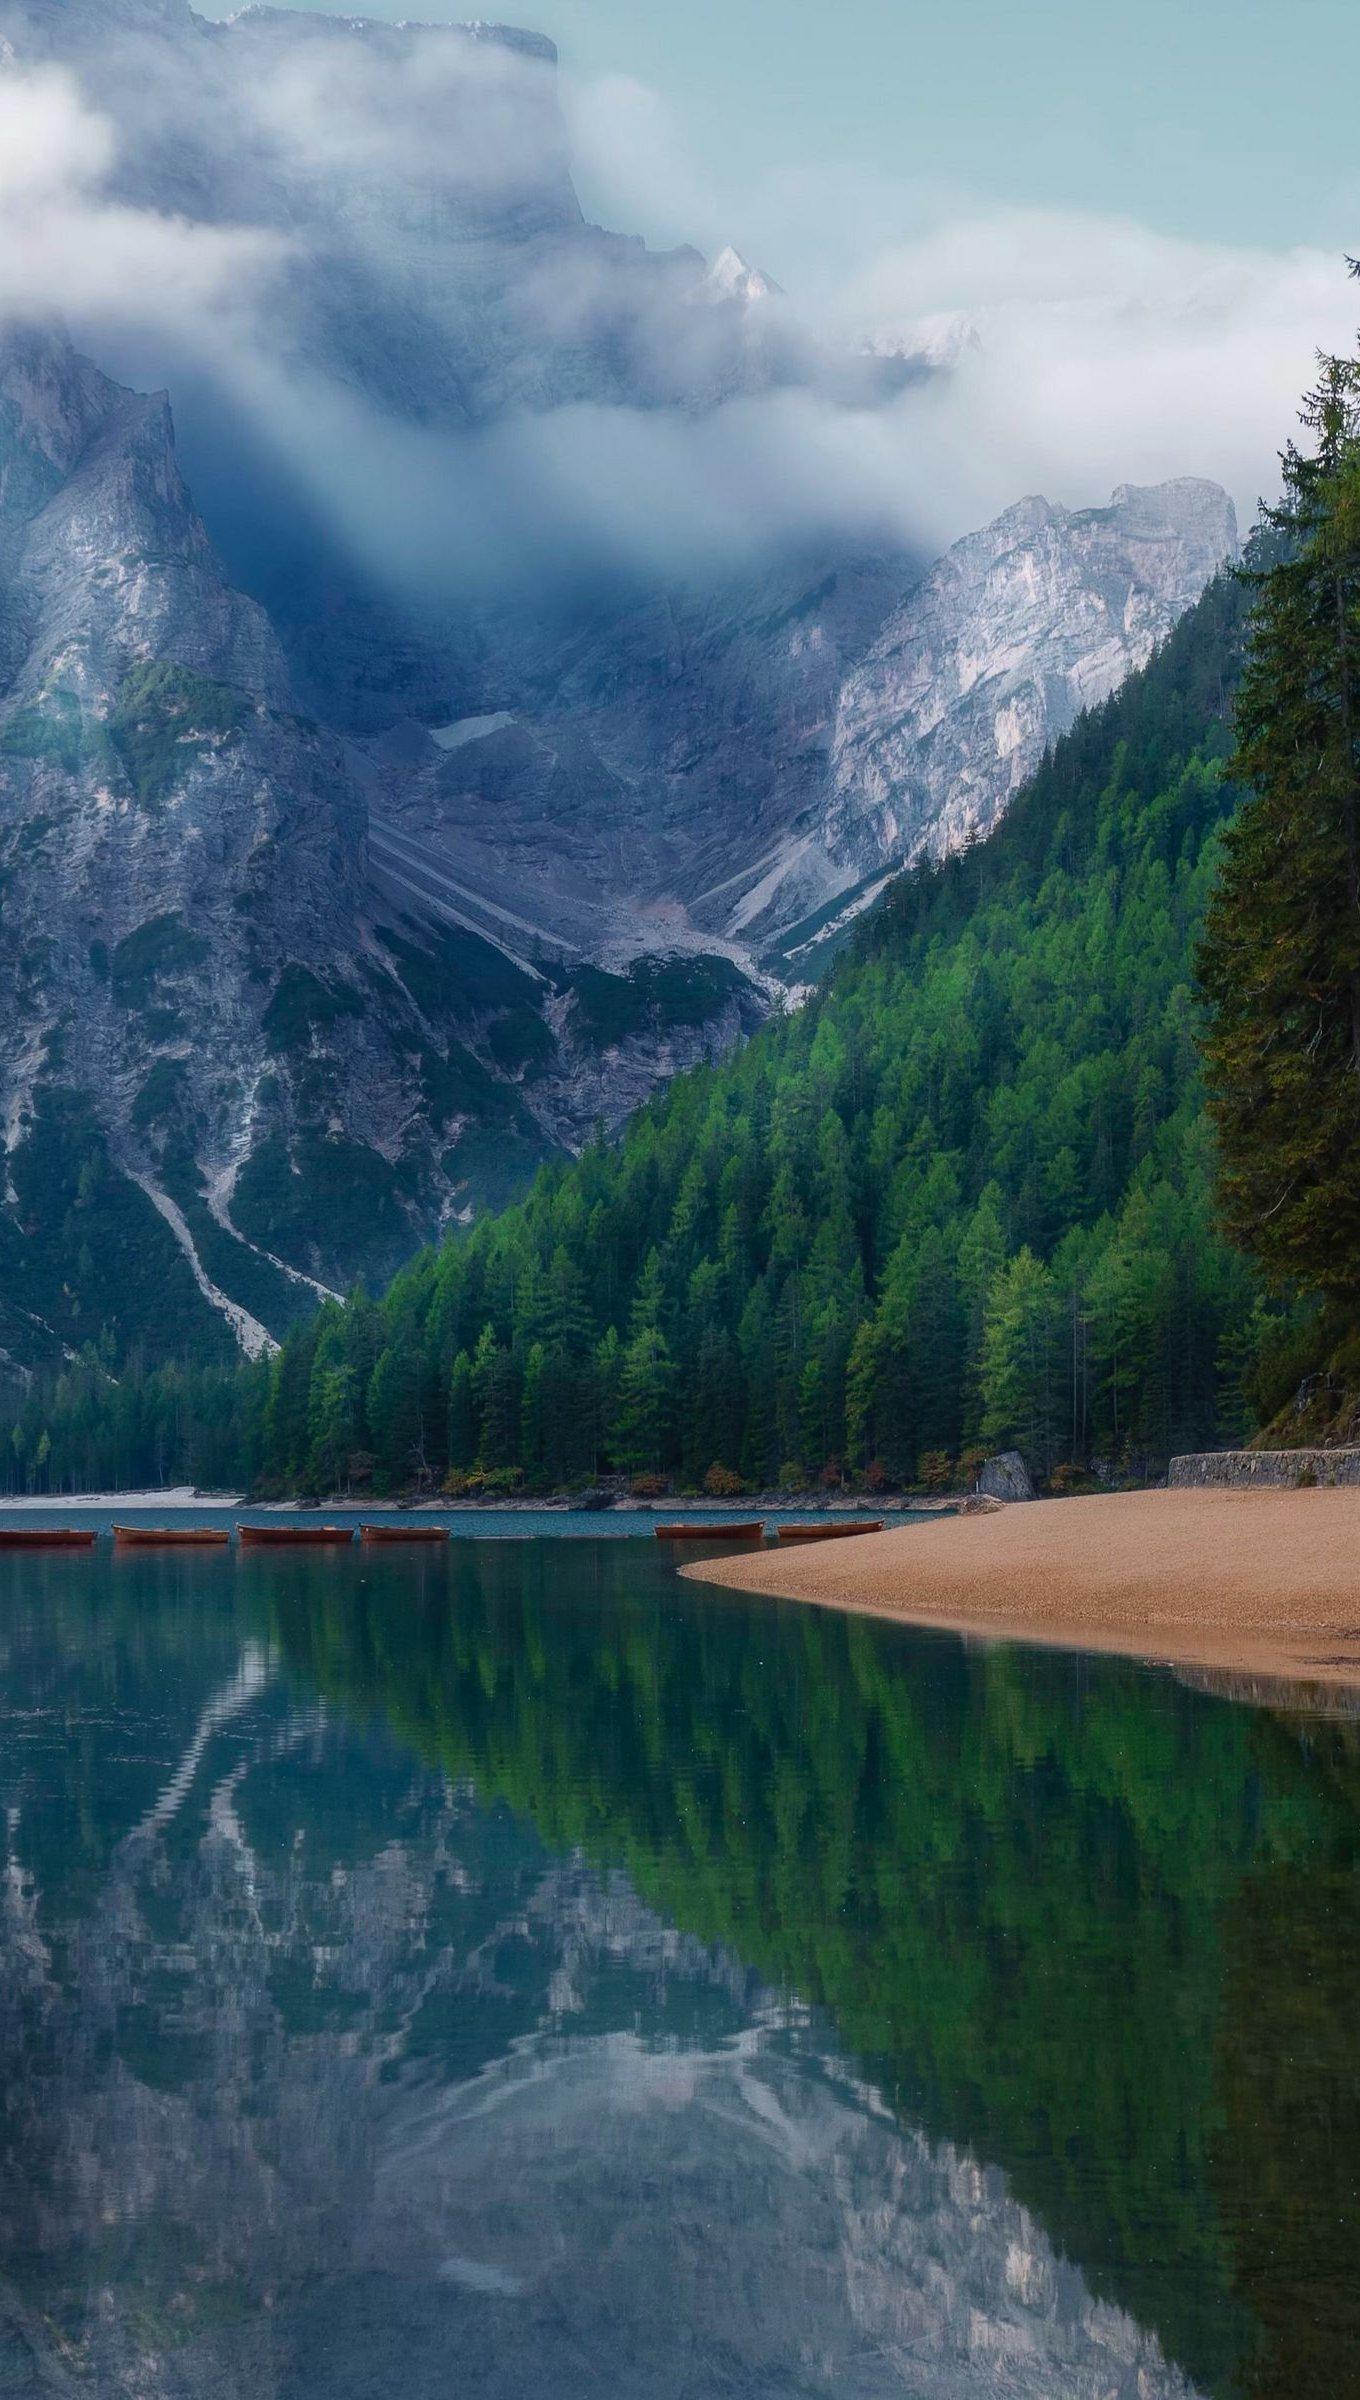 Fondos de pantalla Lago en bosque con niebla Vertical